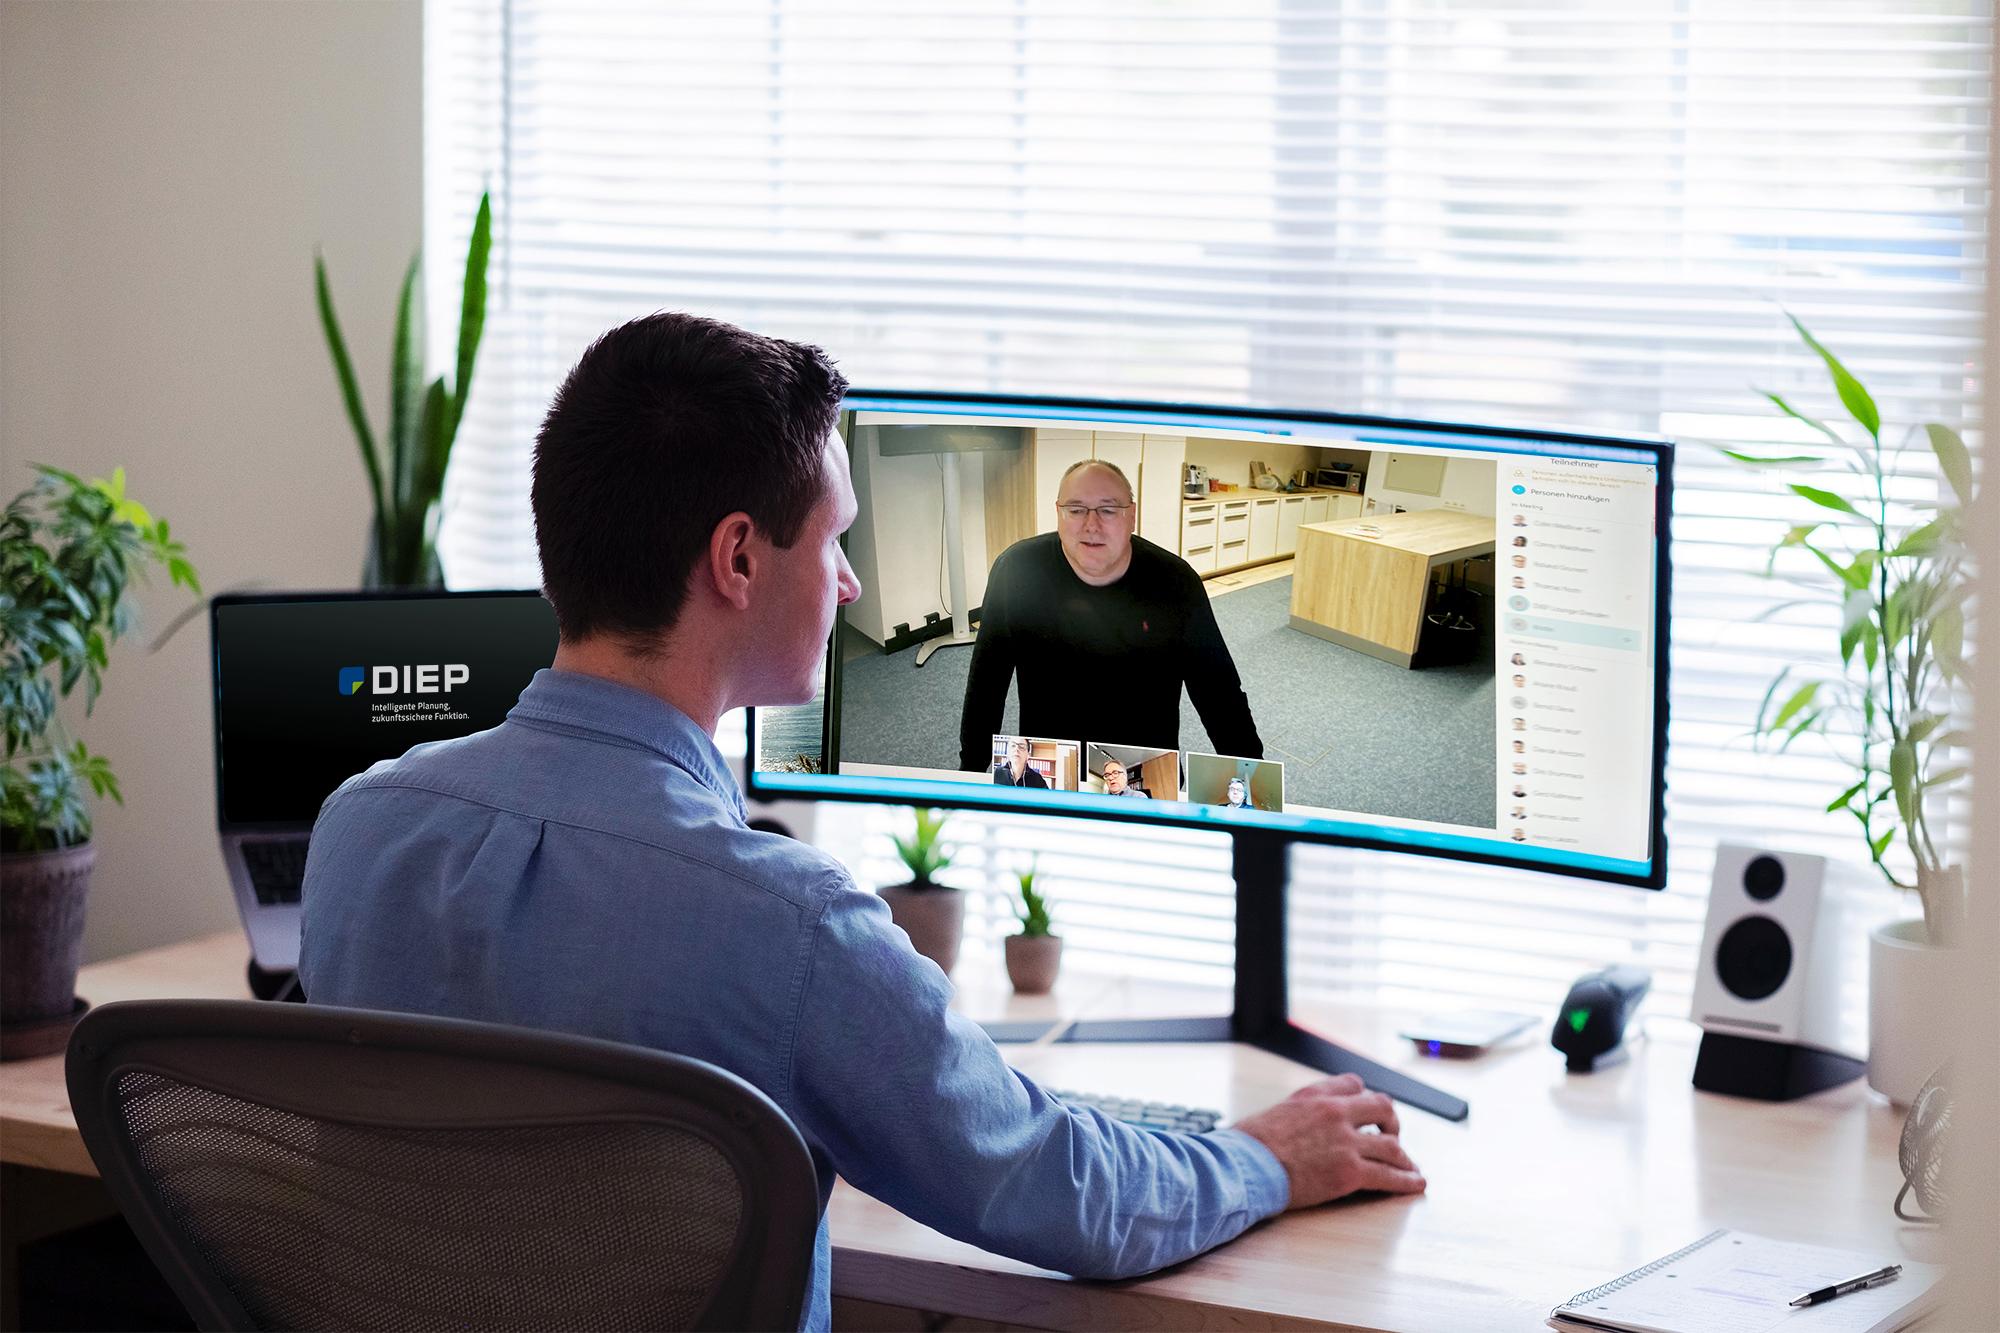 Mann sitzt am Rechner und nimmt an einer Telko teil